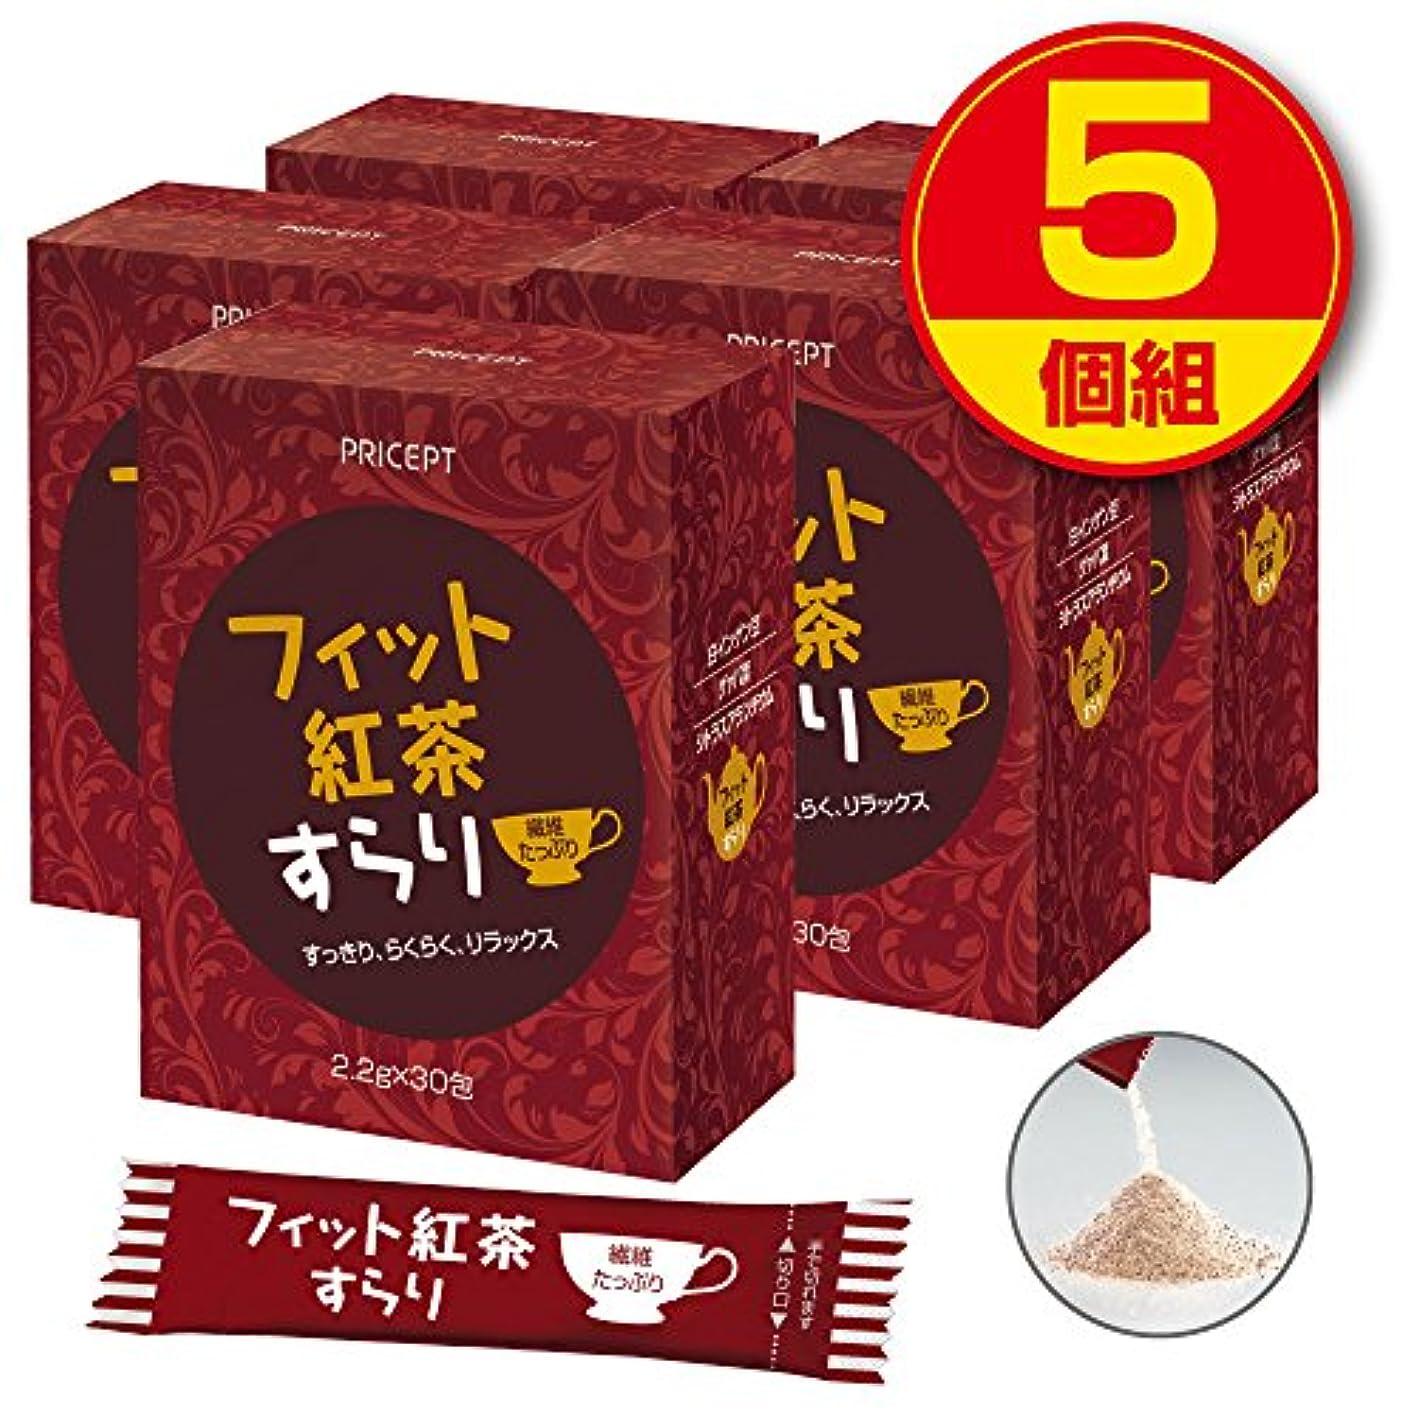 マーガレットミッチェル軌道分布プリセプト フィット紅茶すらり(30包)【5個組?150包】(食物繊維配合ダイエットサポート紅茶)